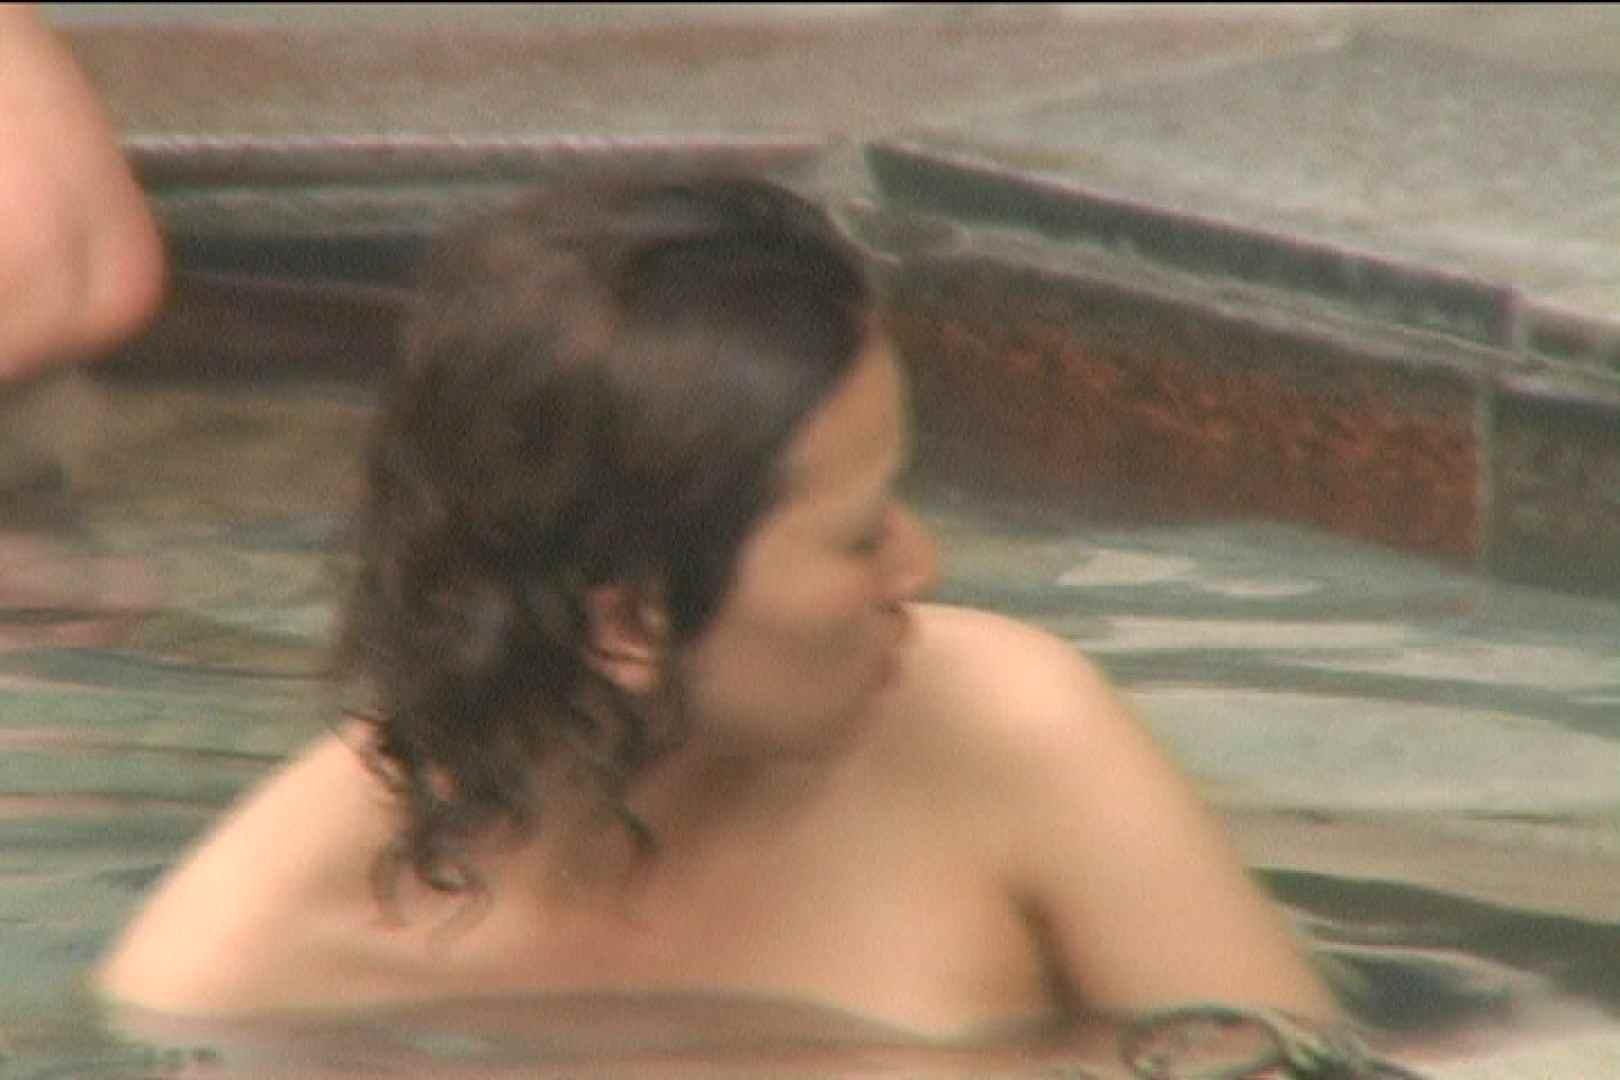 Aquaな露天風呂Vol.131 露天 | 綺麗なOLたち  90枚 46